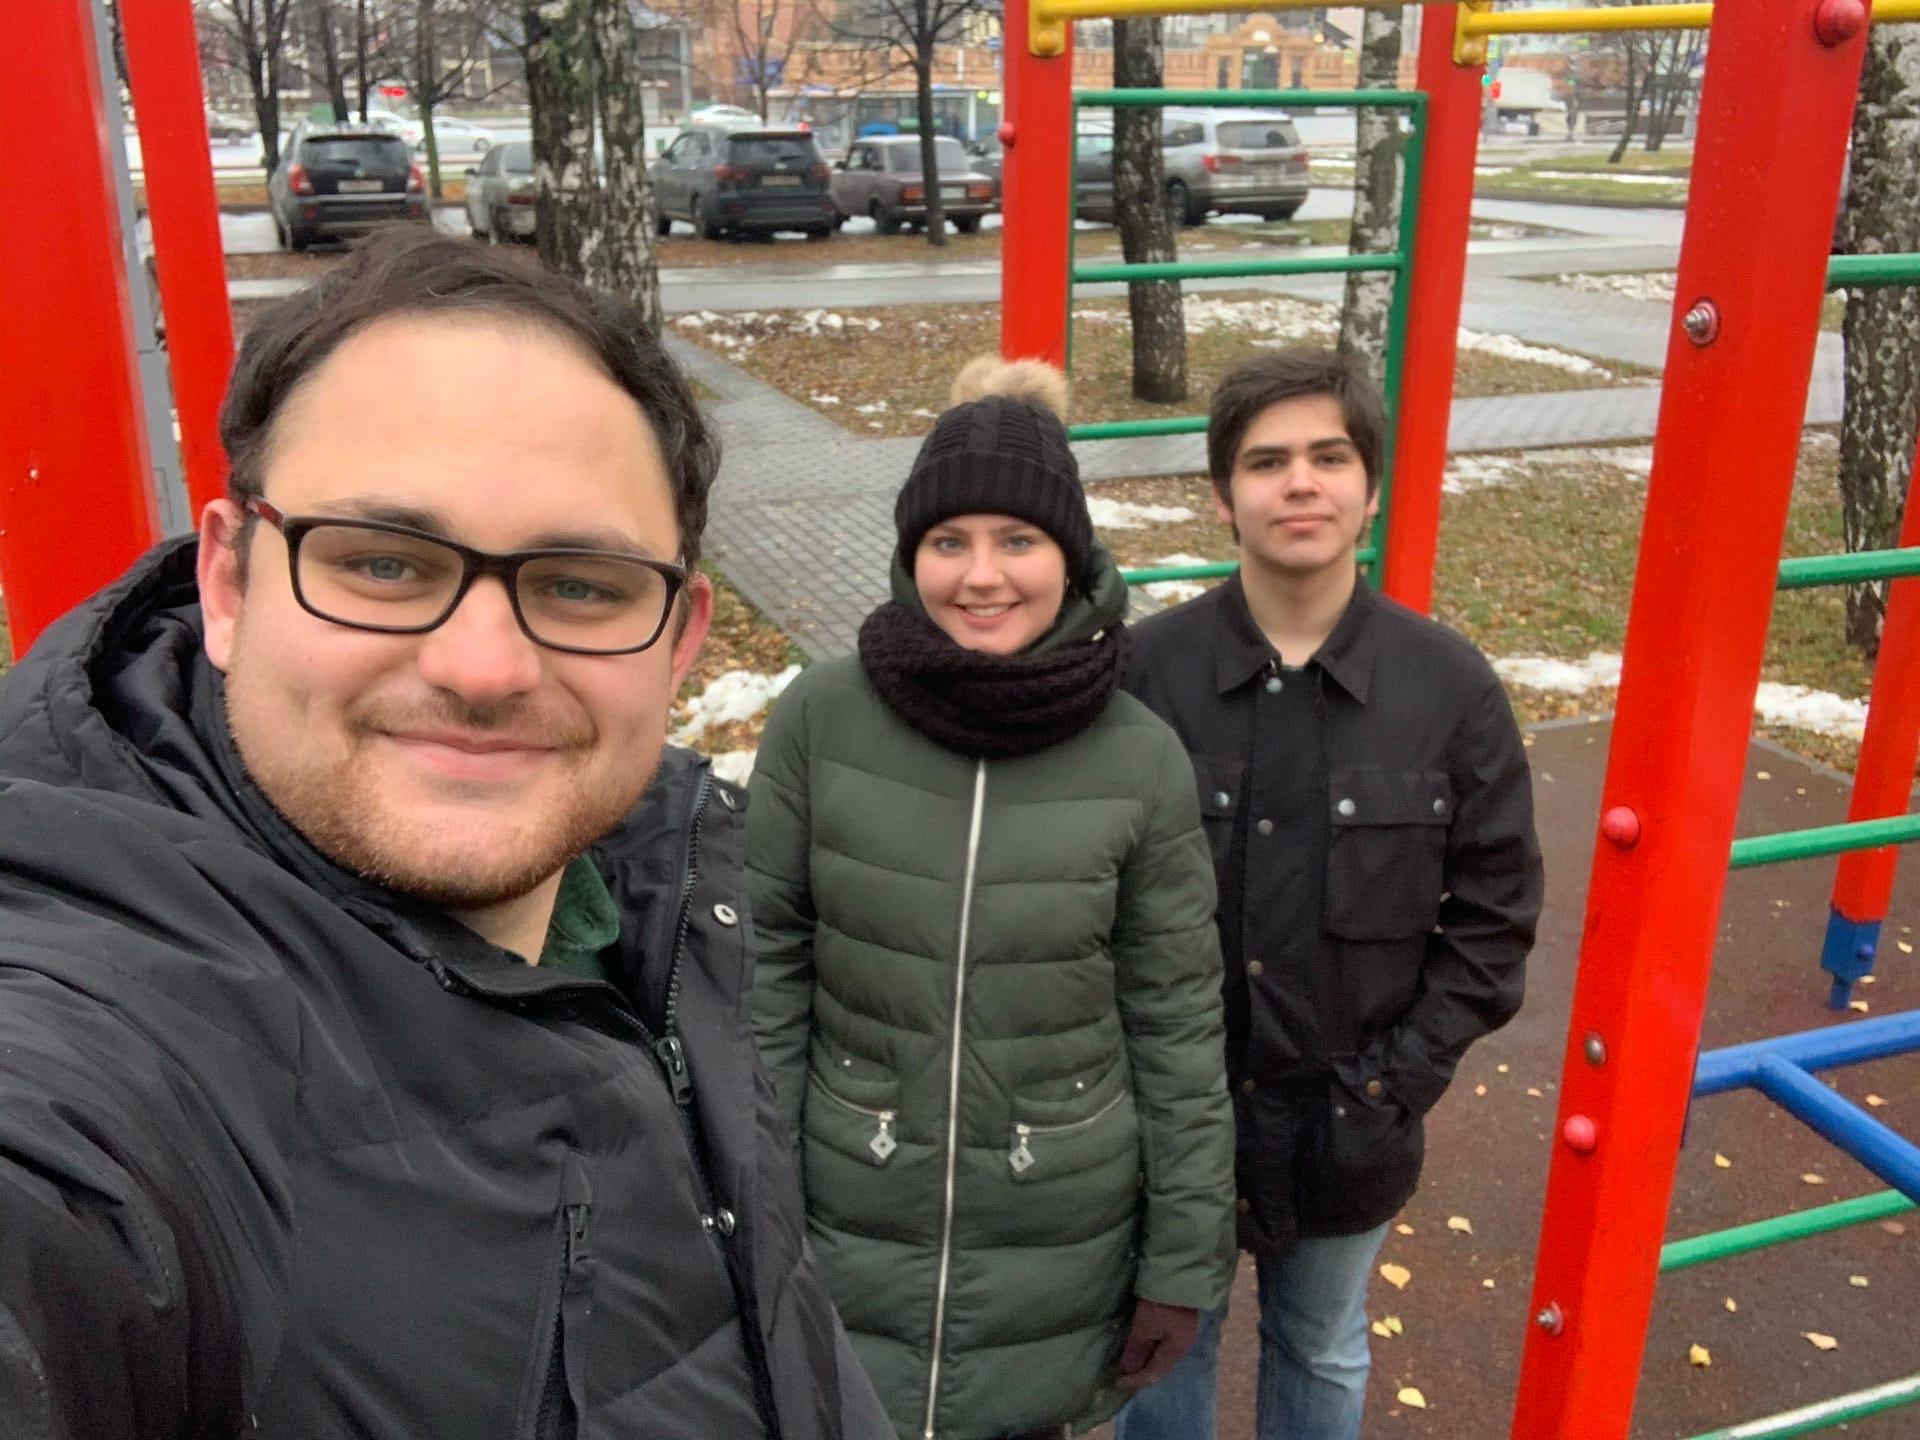 Молодежный патруль: парламентарии Орехова-Борисова Южного проверили детские площадки